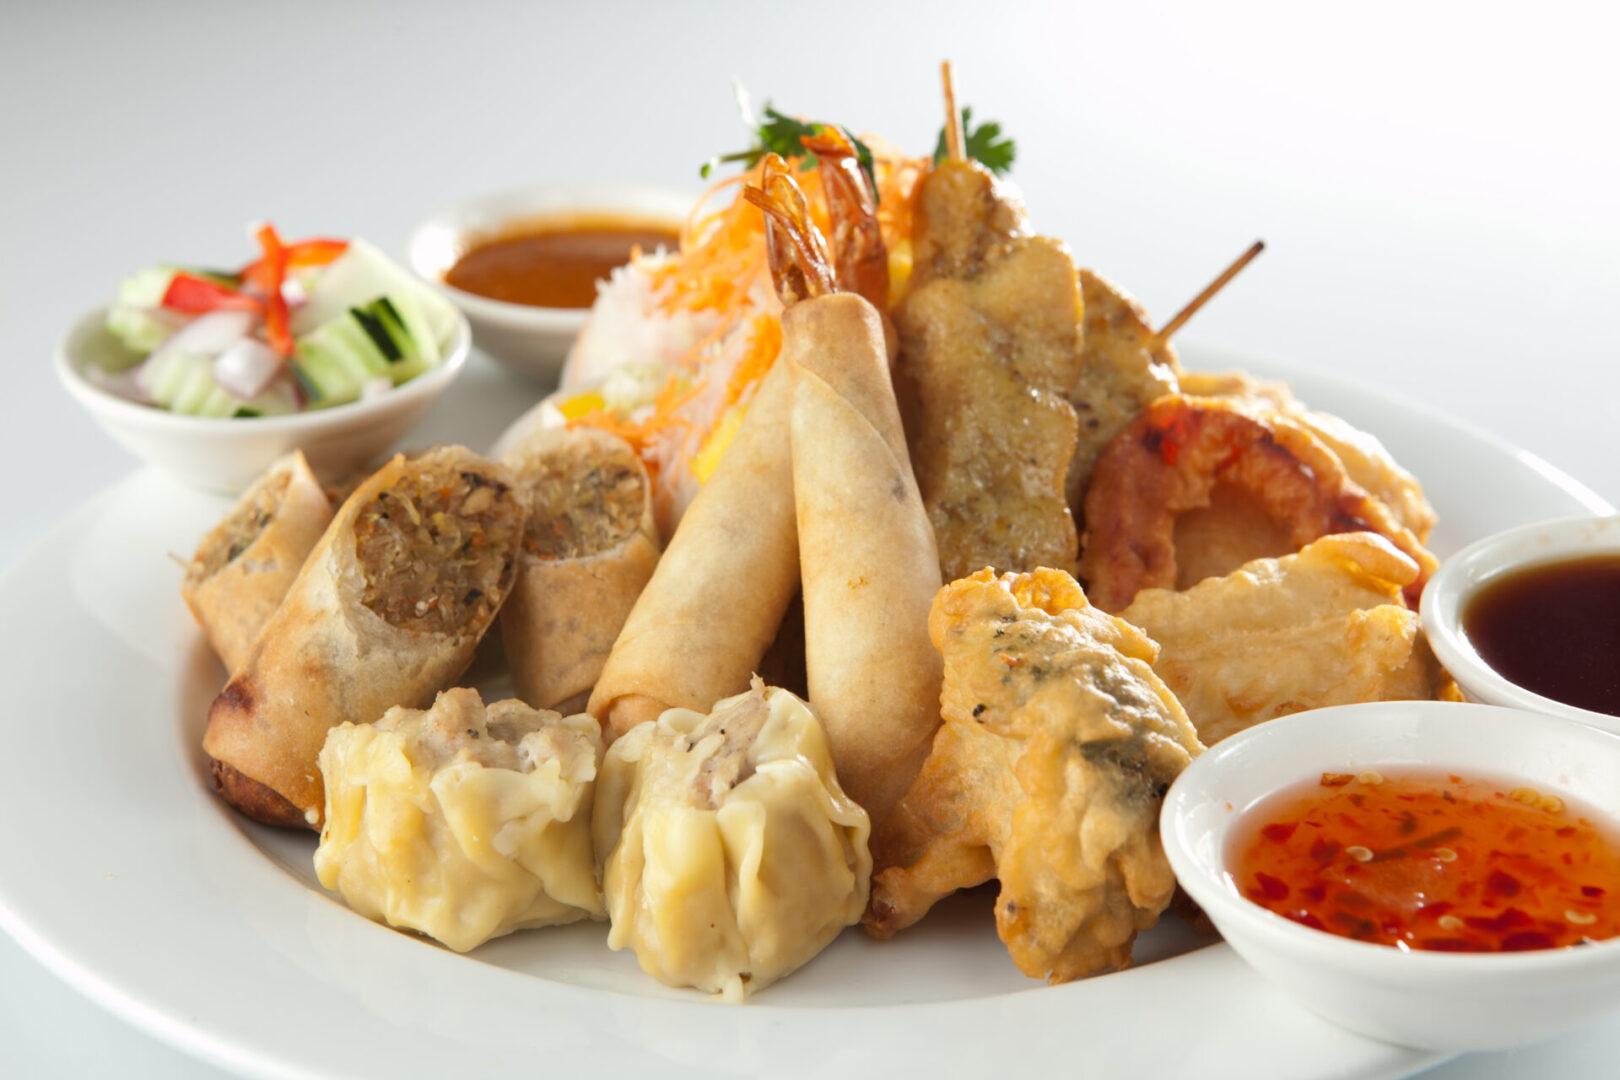 Thai Spice 's Sampler